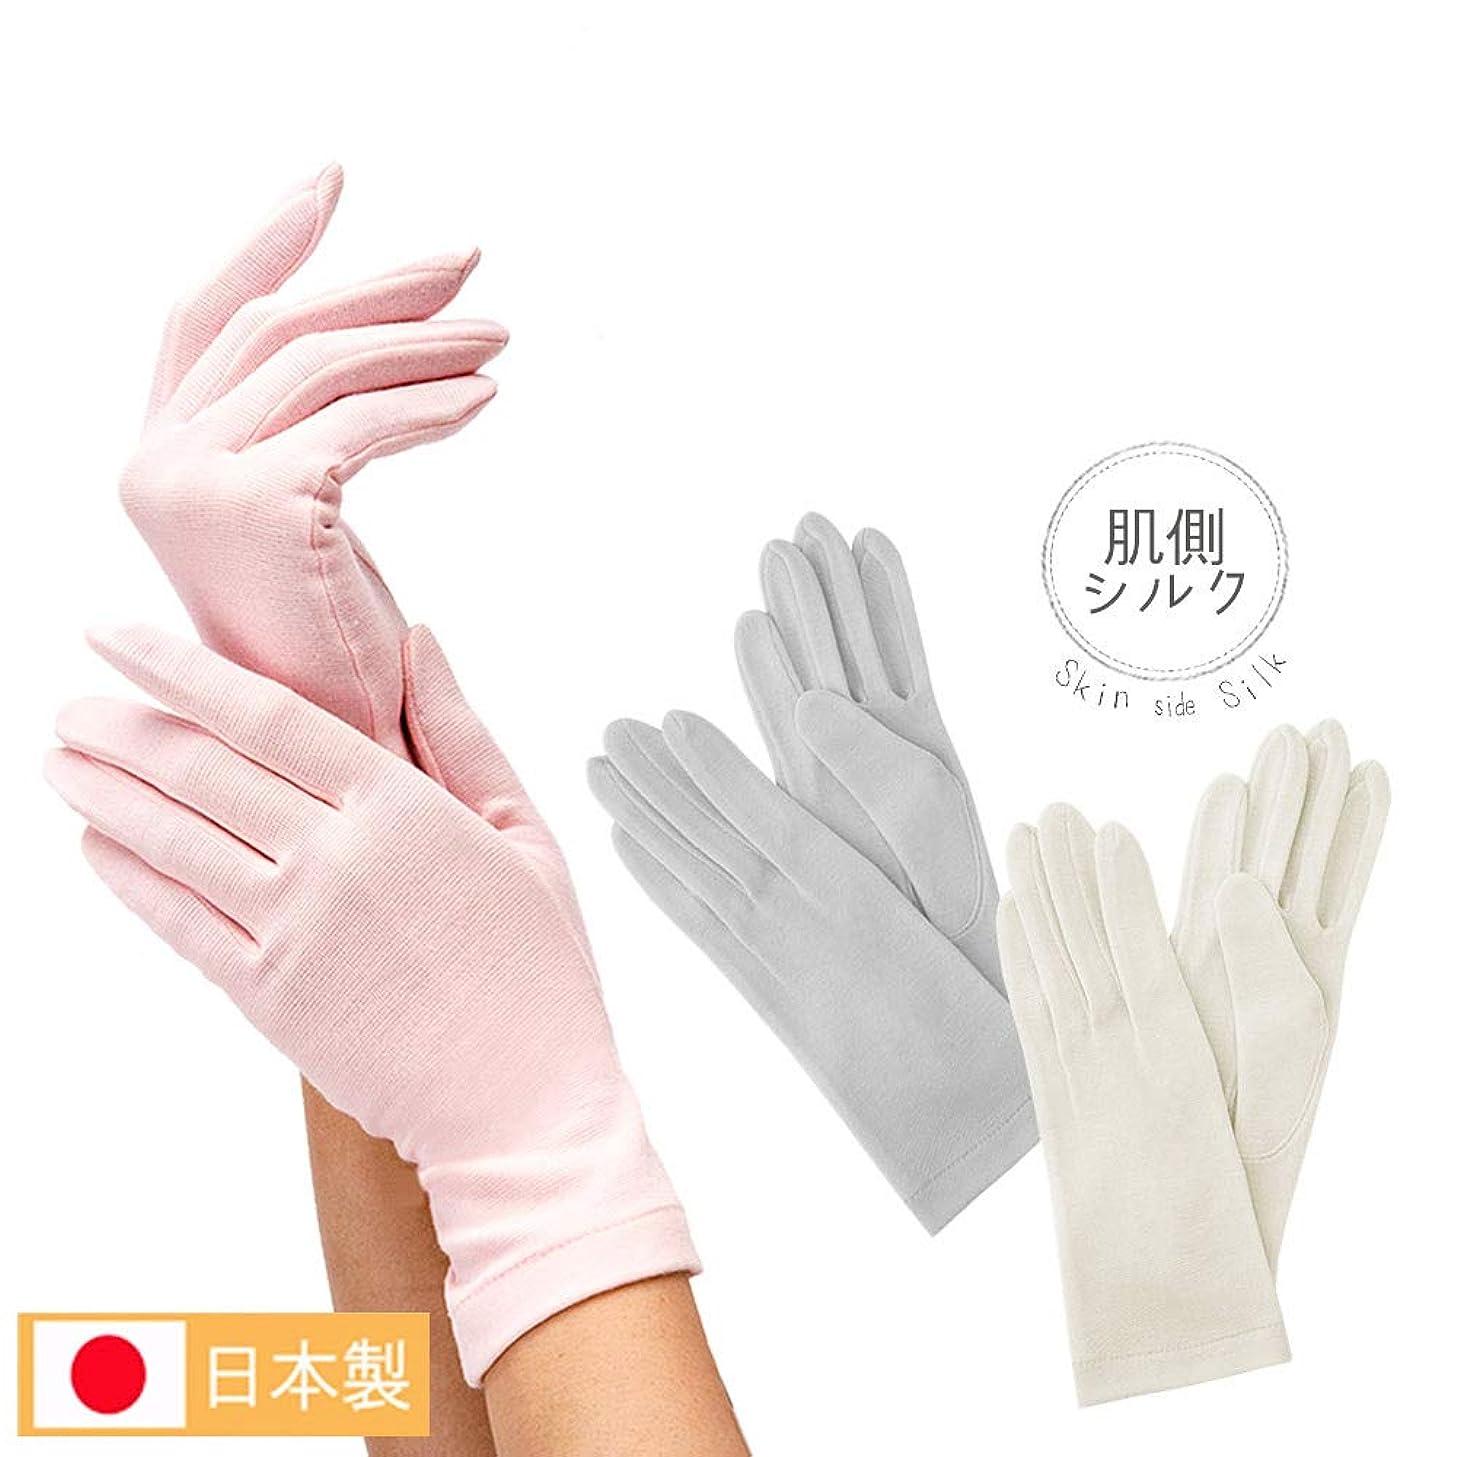 今日肉屋ベルベットG12-0071_IV 就寝用 裏シルクうるおい手袋 あったか 薄い 手荒れ ハンドケア 保湿 レディース 女性 おやすみ 寝るとき 日本製 アイボリー